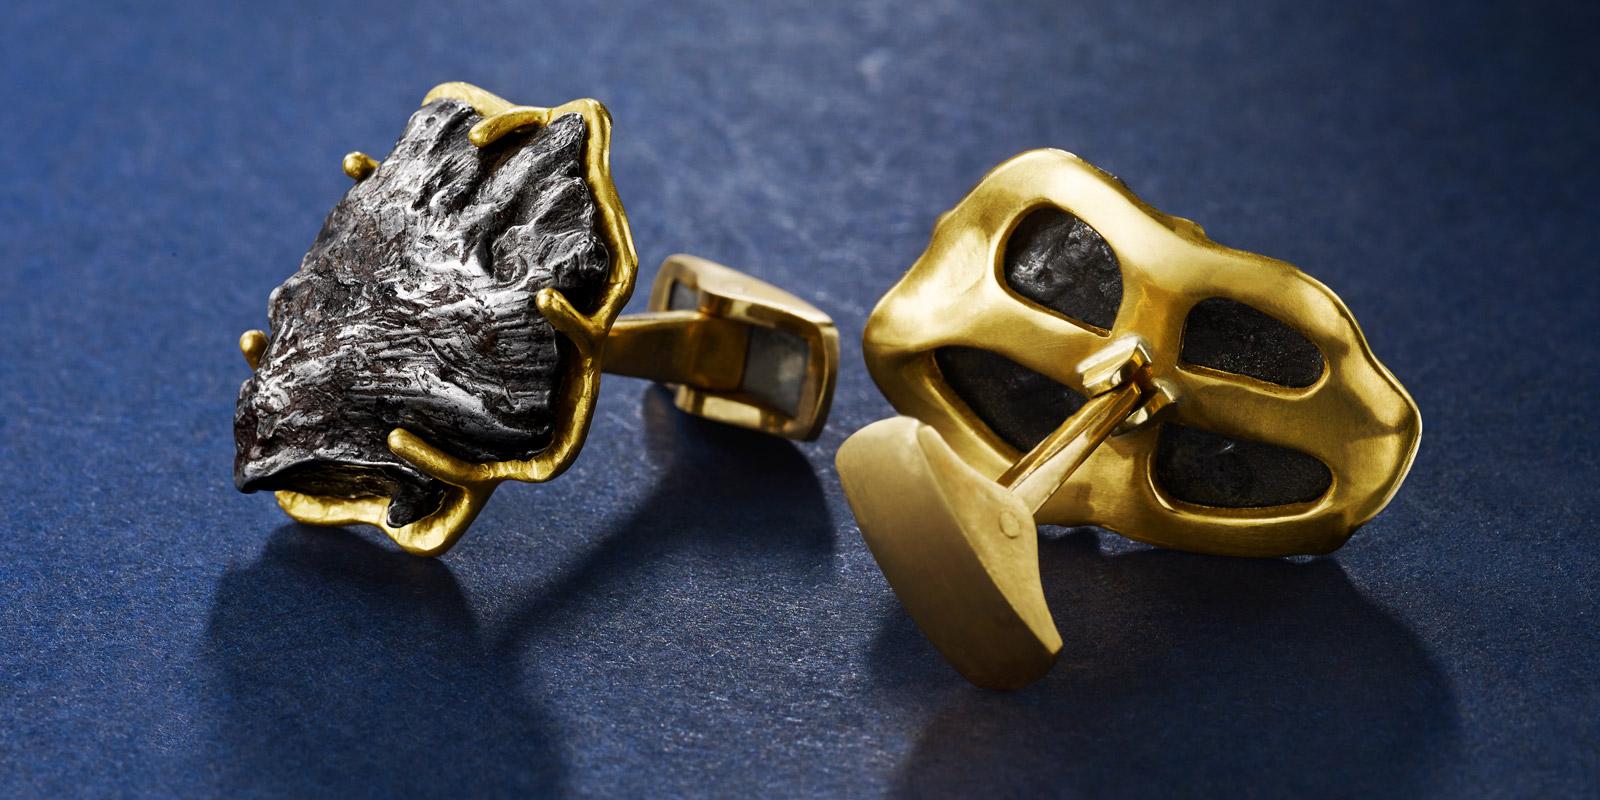 22 karat gold and meteorites